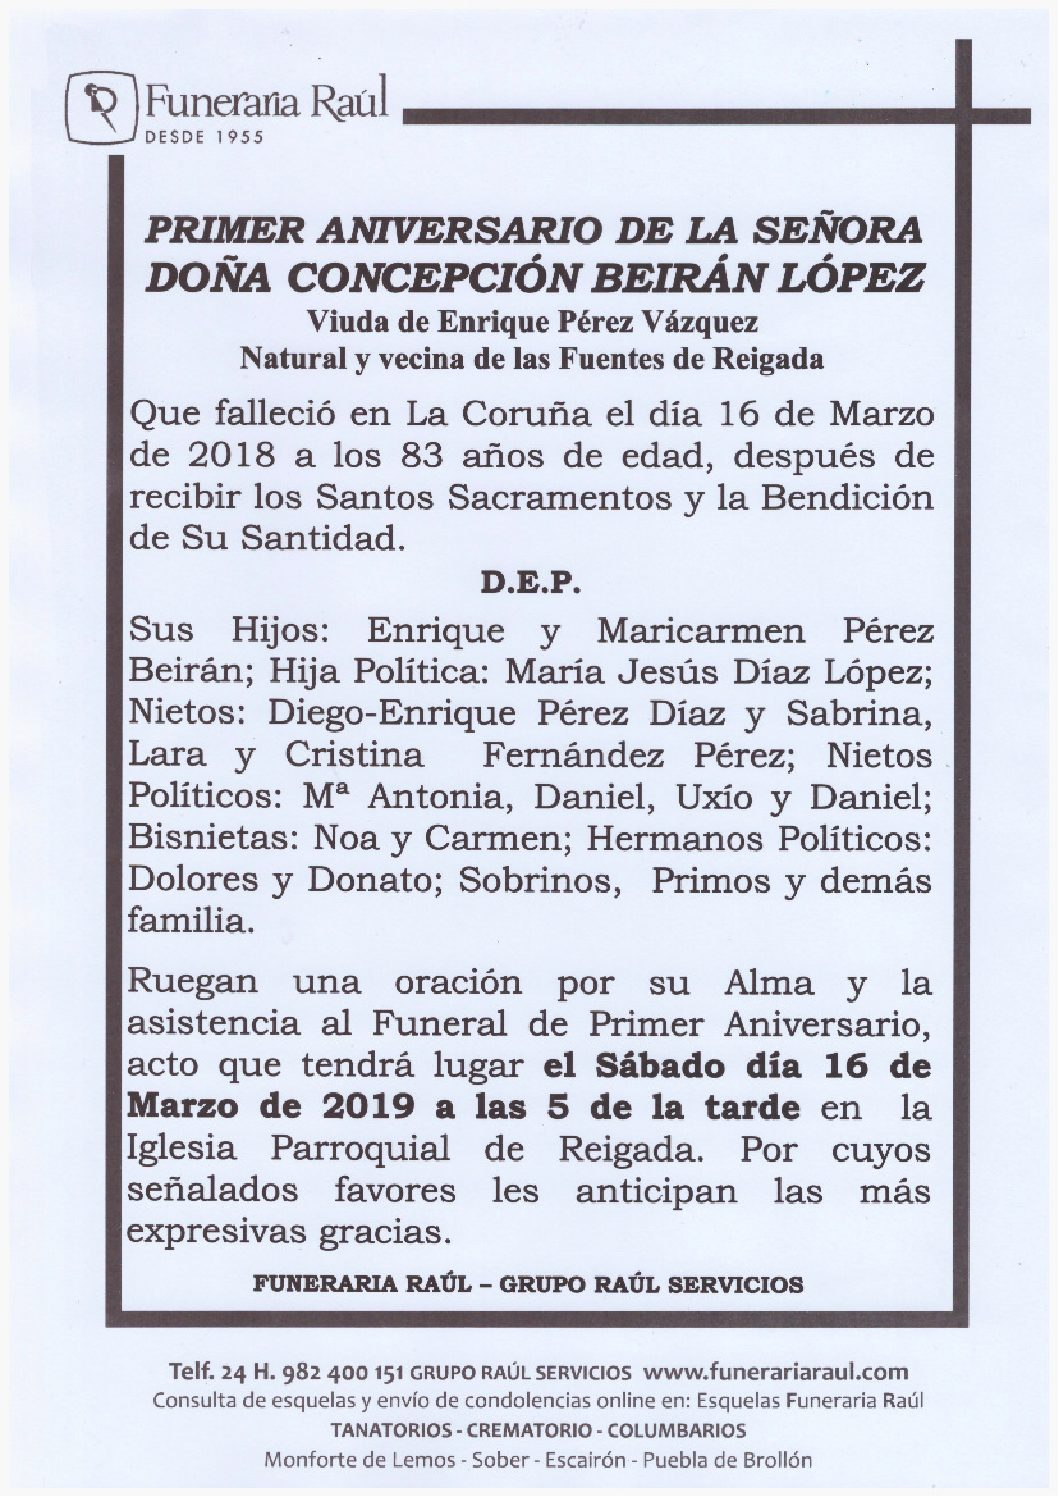 PRIMER ANIVERSARIO DE DOÑA CONCEPCION BEIRAN LOPEZ